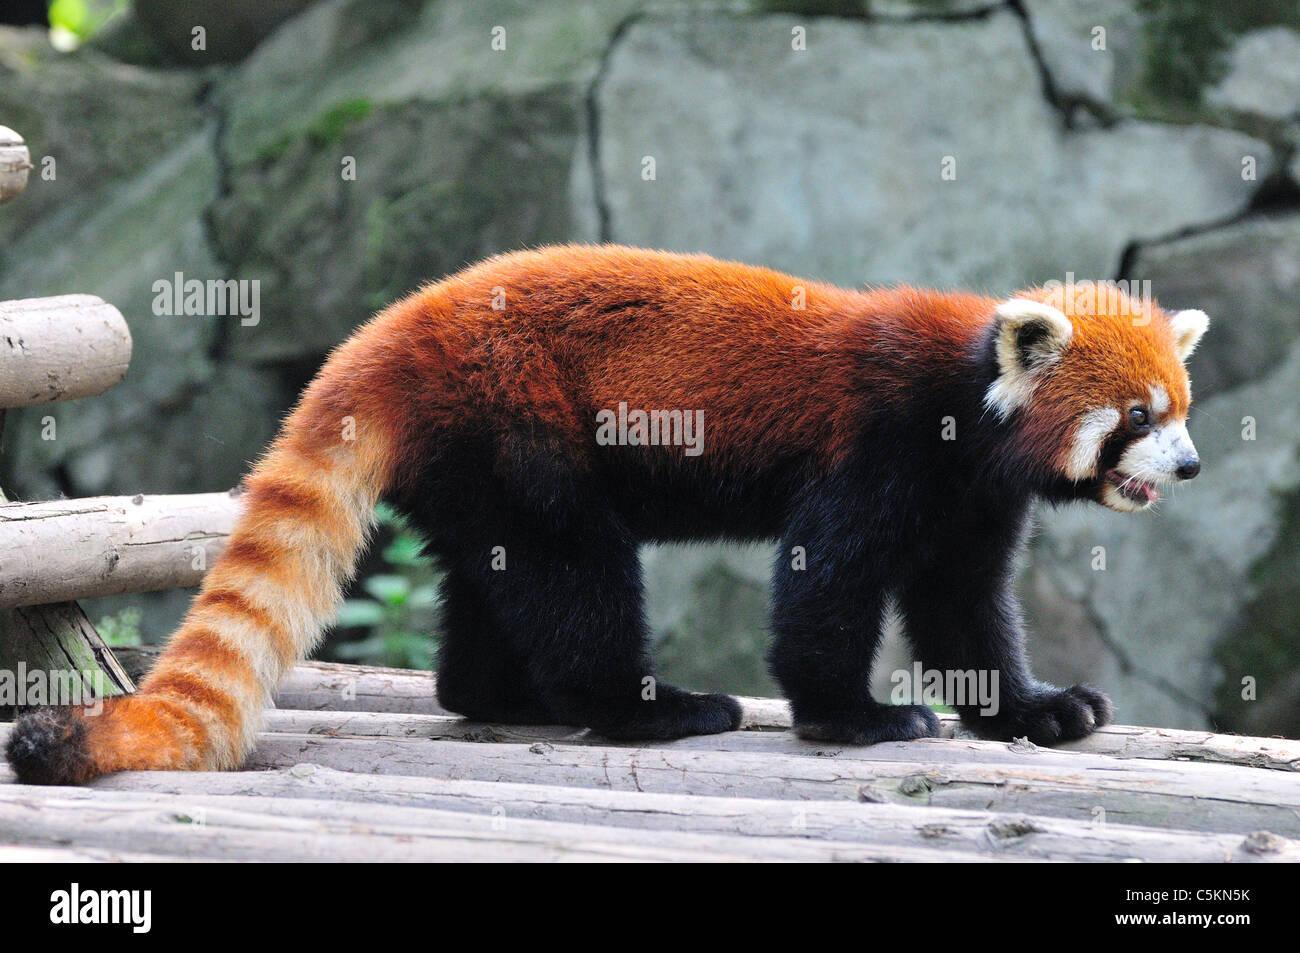 Le panda rouge (Ailurus fulgens). Base de recherche de Chengdu Panda géant de l'élevage, Chengdu, Chine. Banque D'Images